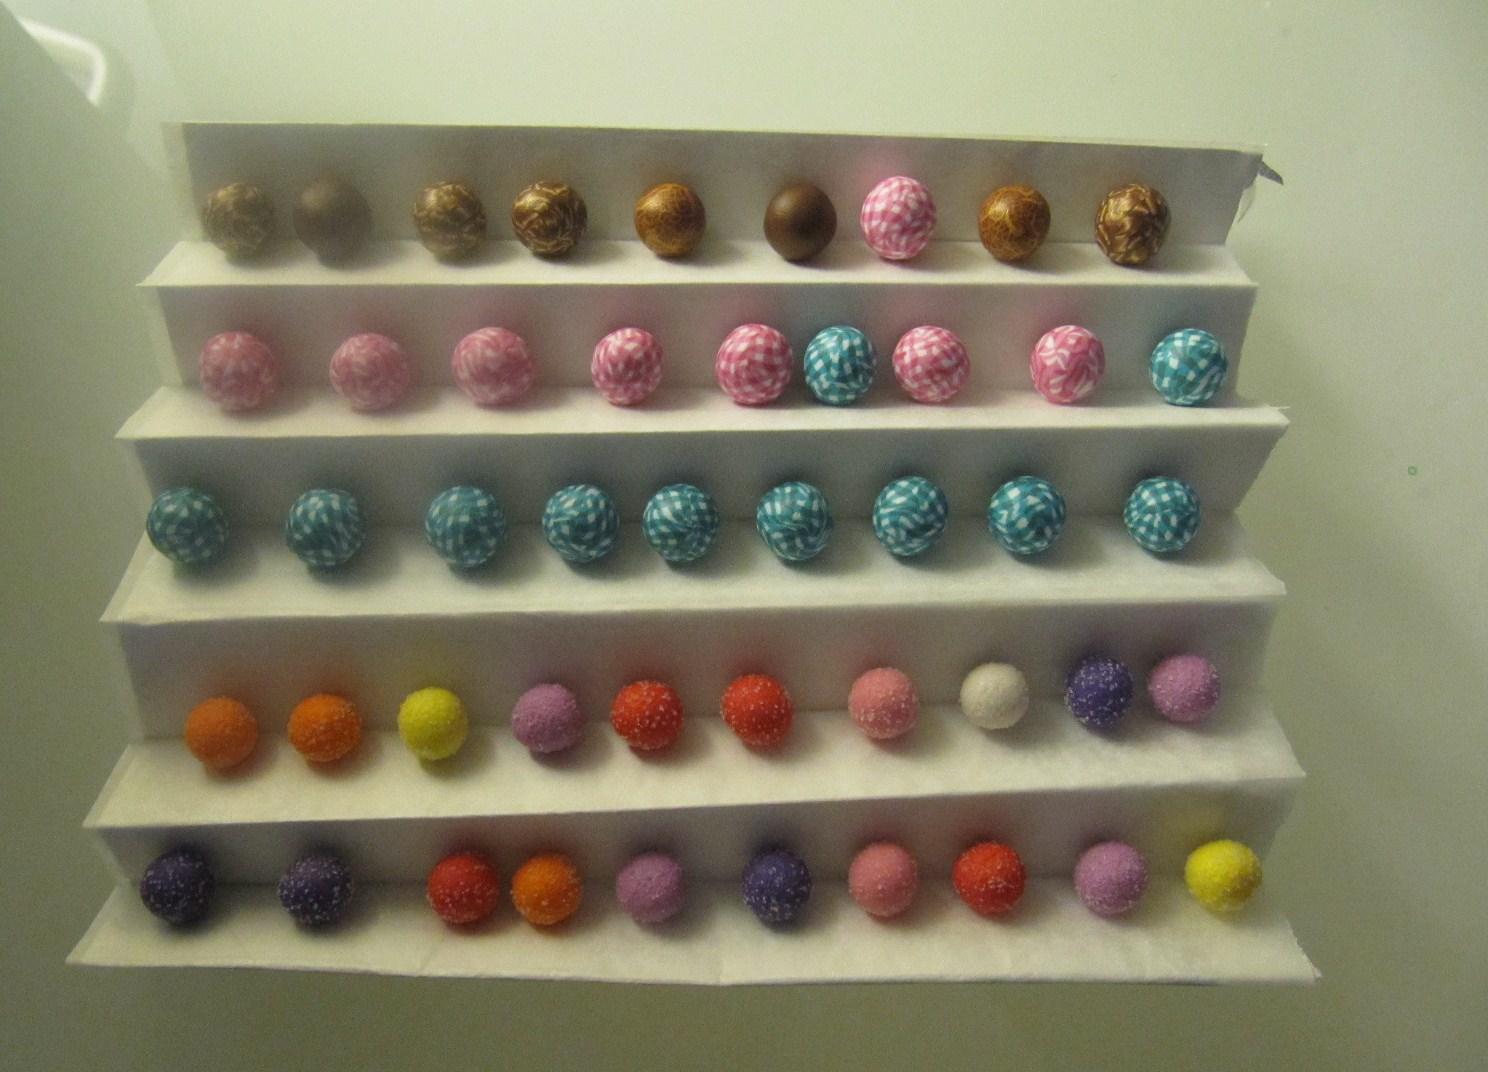 bijoux de cr 233 ation en p 226 te fimo tuto r 233 aliser des perles en fimo avec du sel